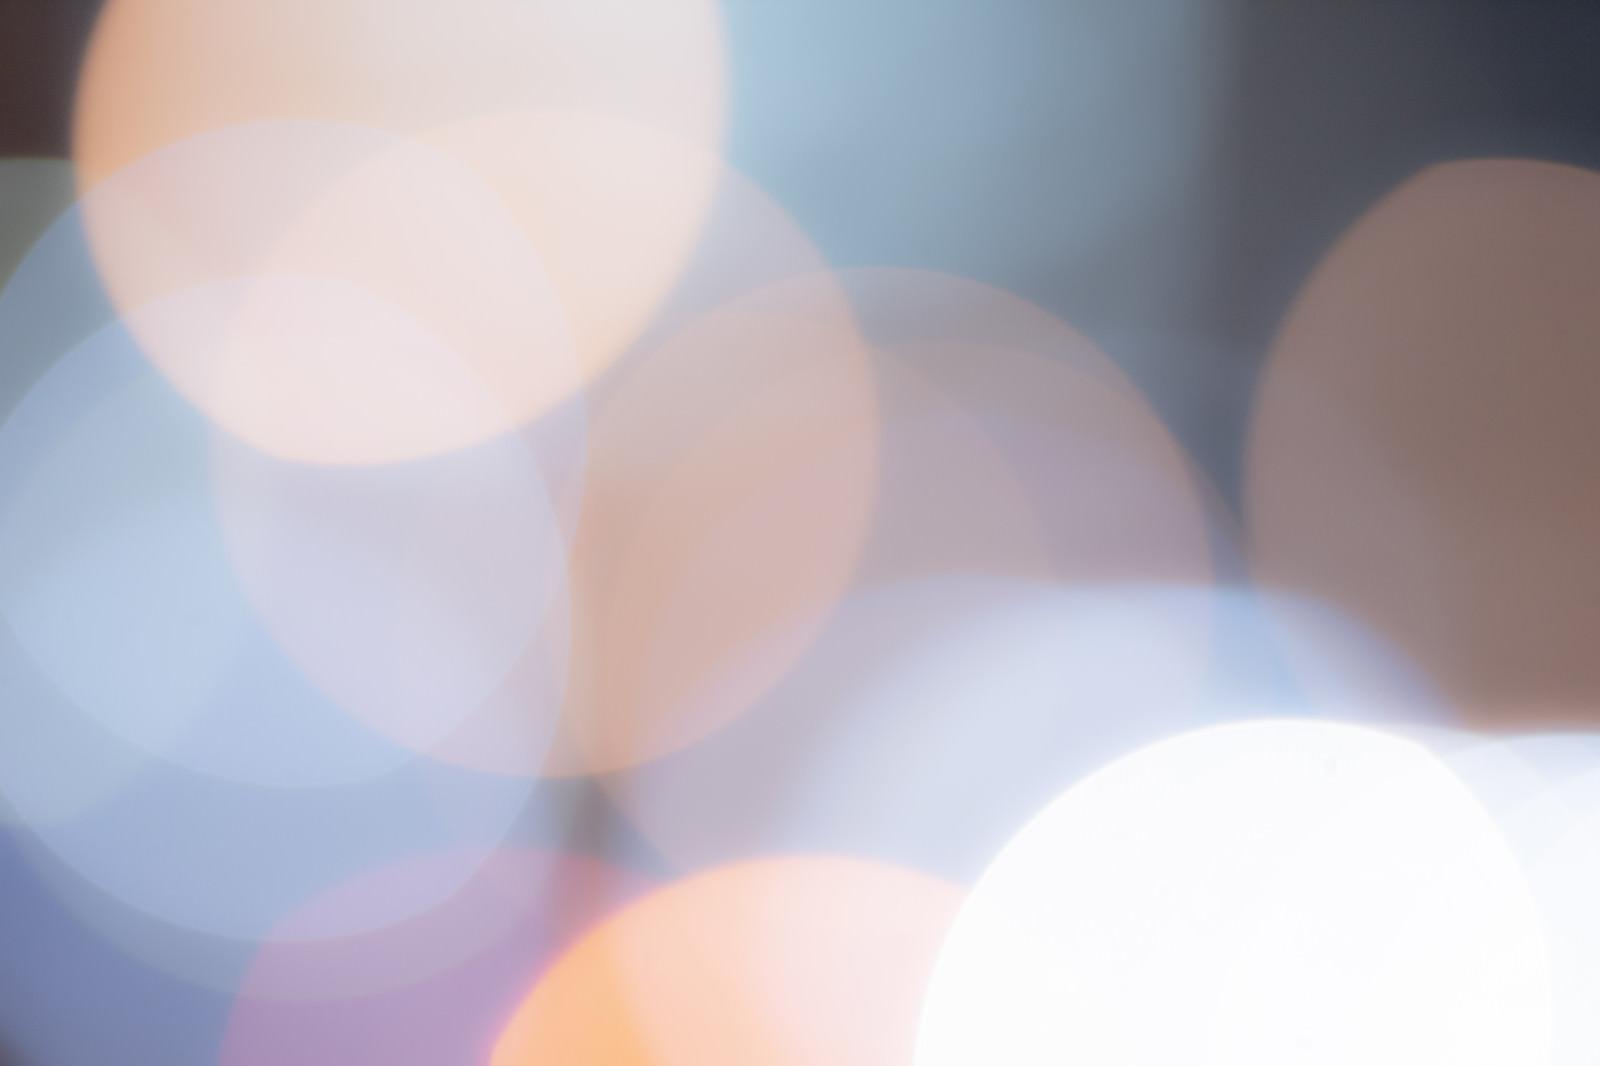 「光が溢れる(テクスチャ)」の写真